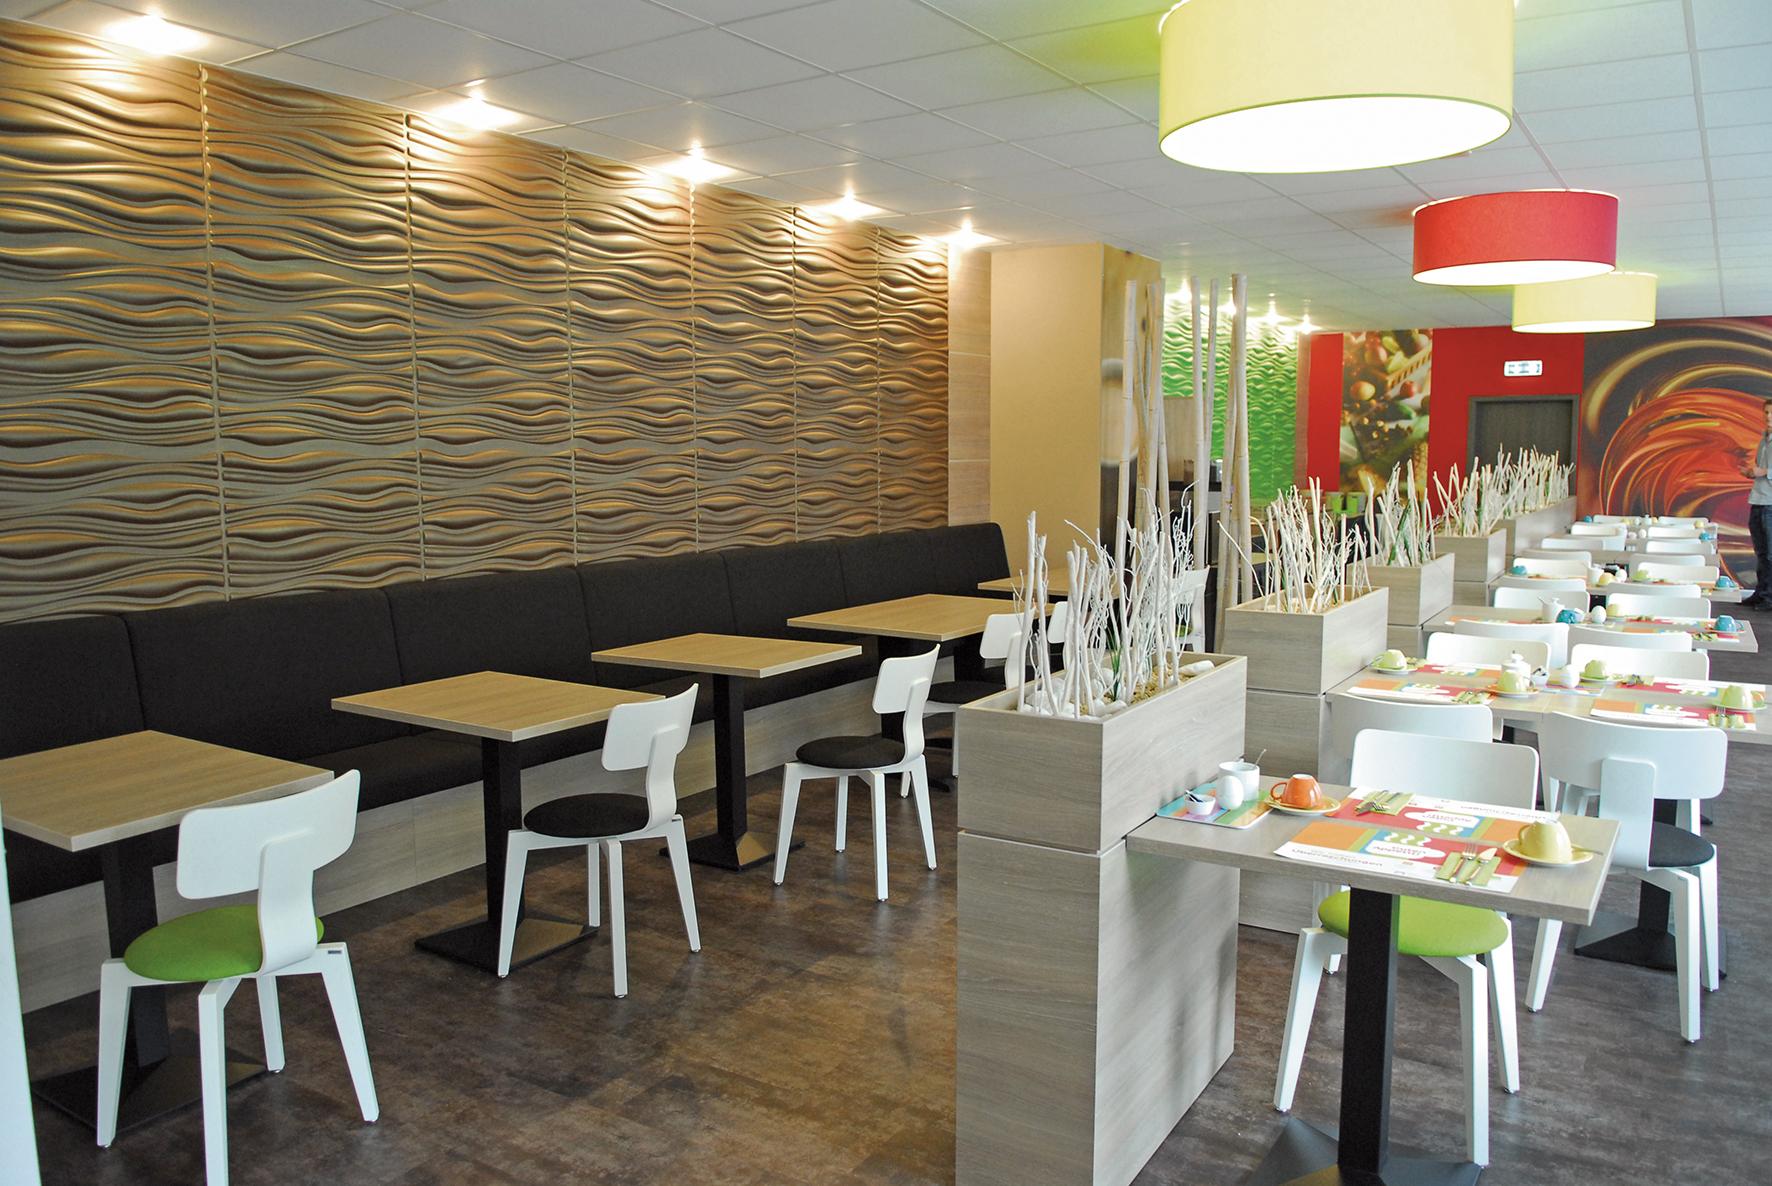 Tische, Stühle & Co.: Aktuelle Trends